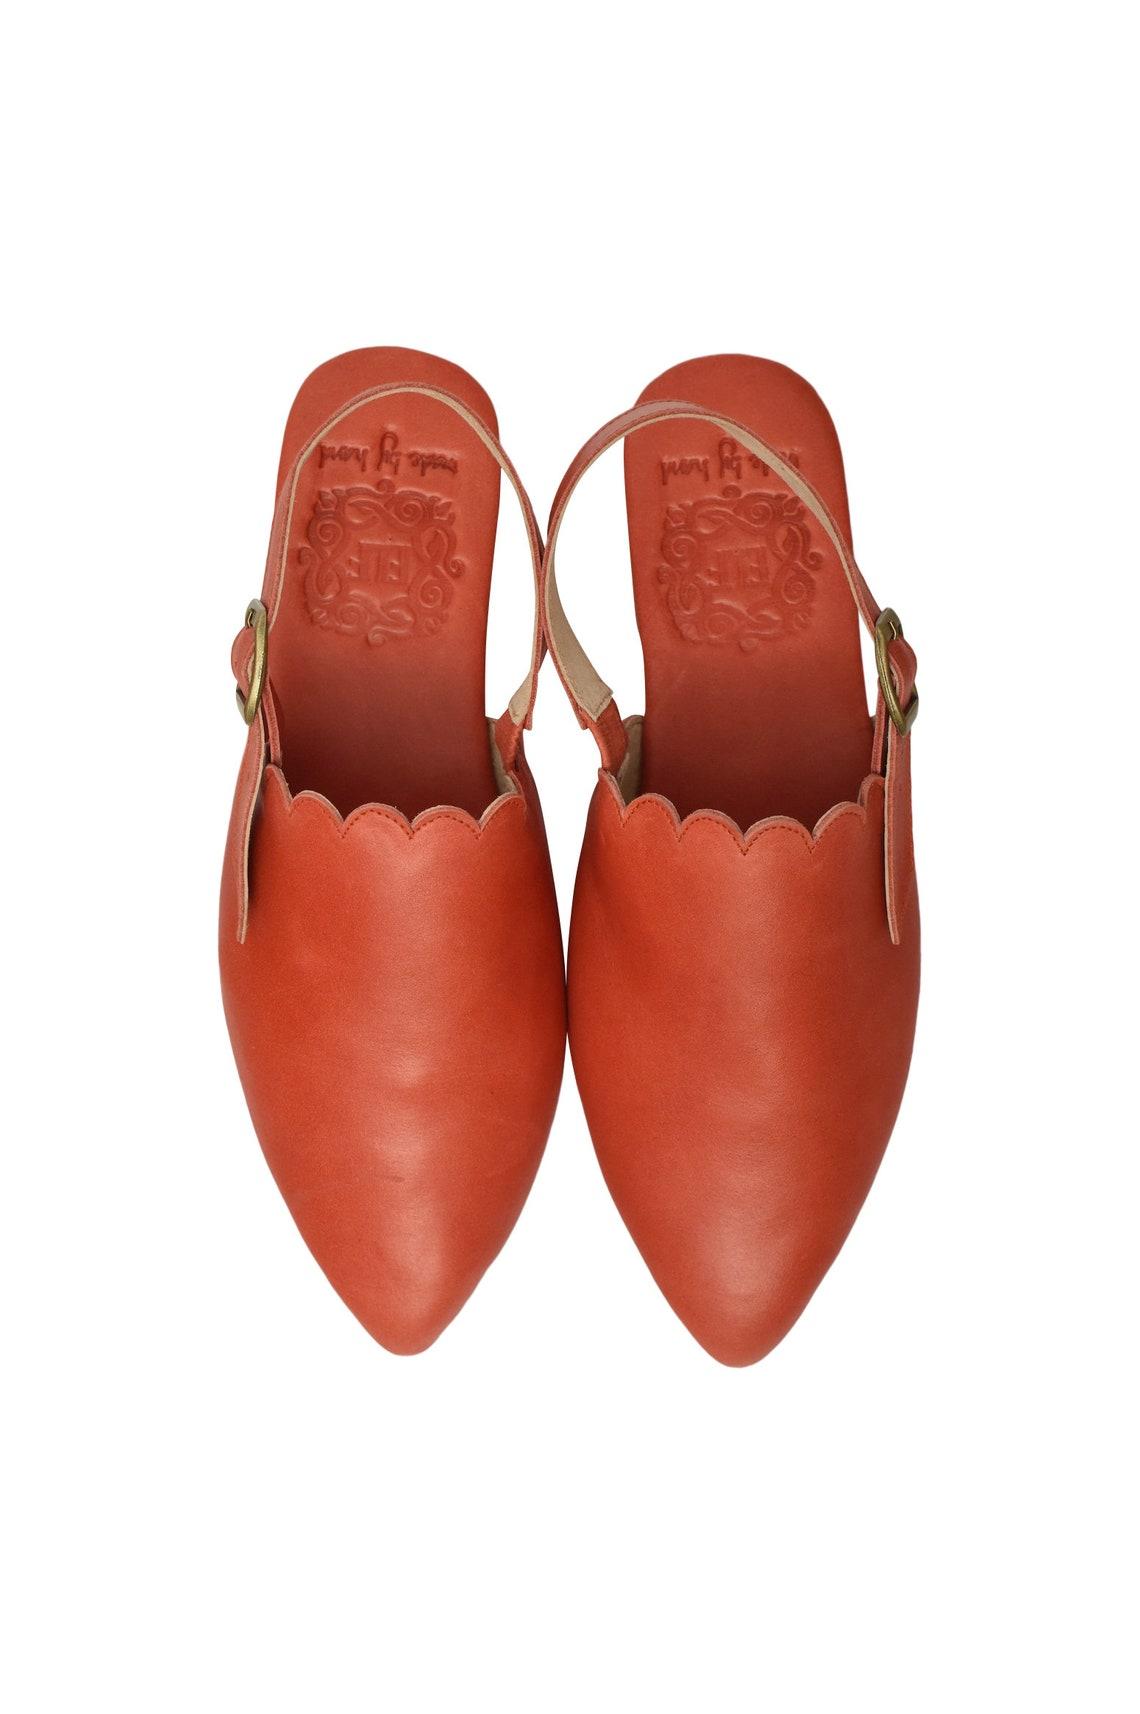 Venta. Tamaño 9.5. Caribe.  sandalias planas de cuero. | zapatos de cuero descalzos ? mocasinas de mujer sandalias rojas